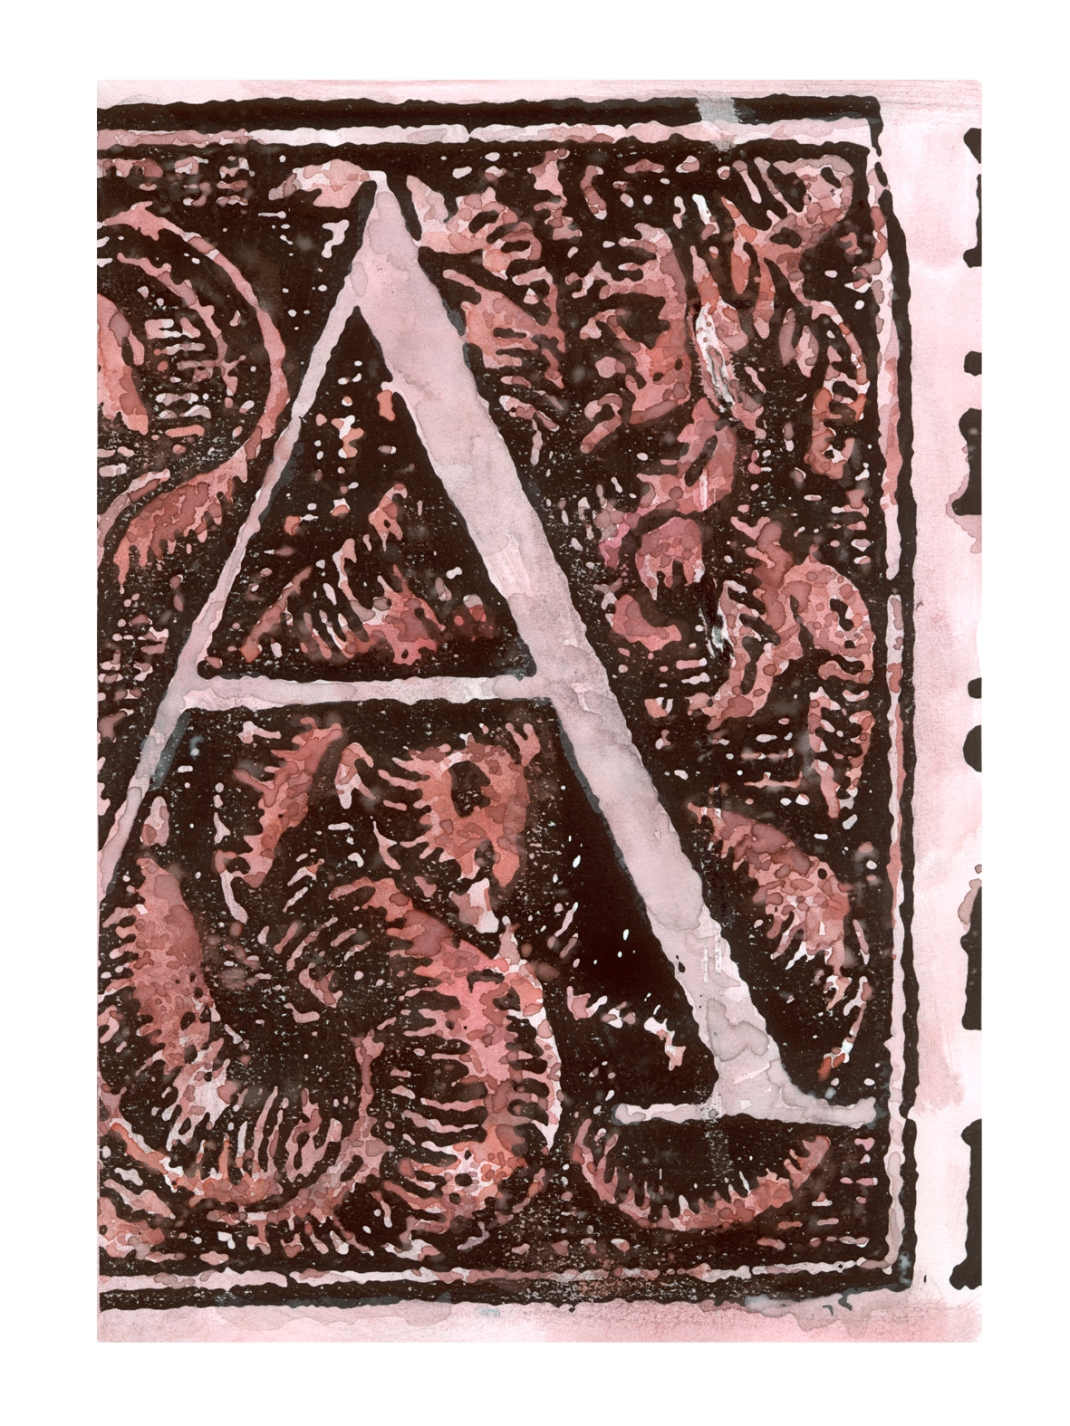 asbjorn-skou-devil-insta